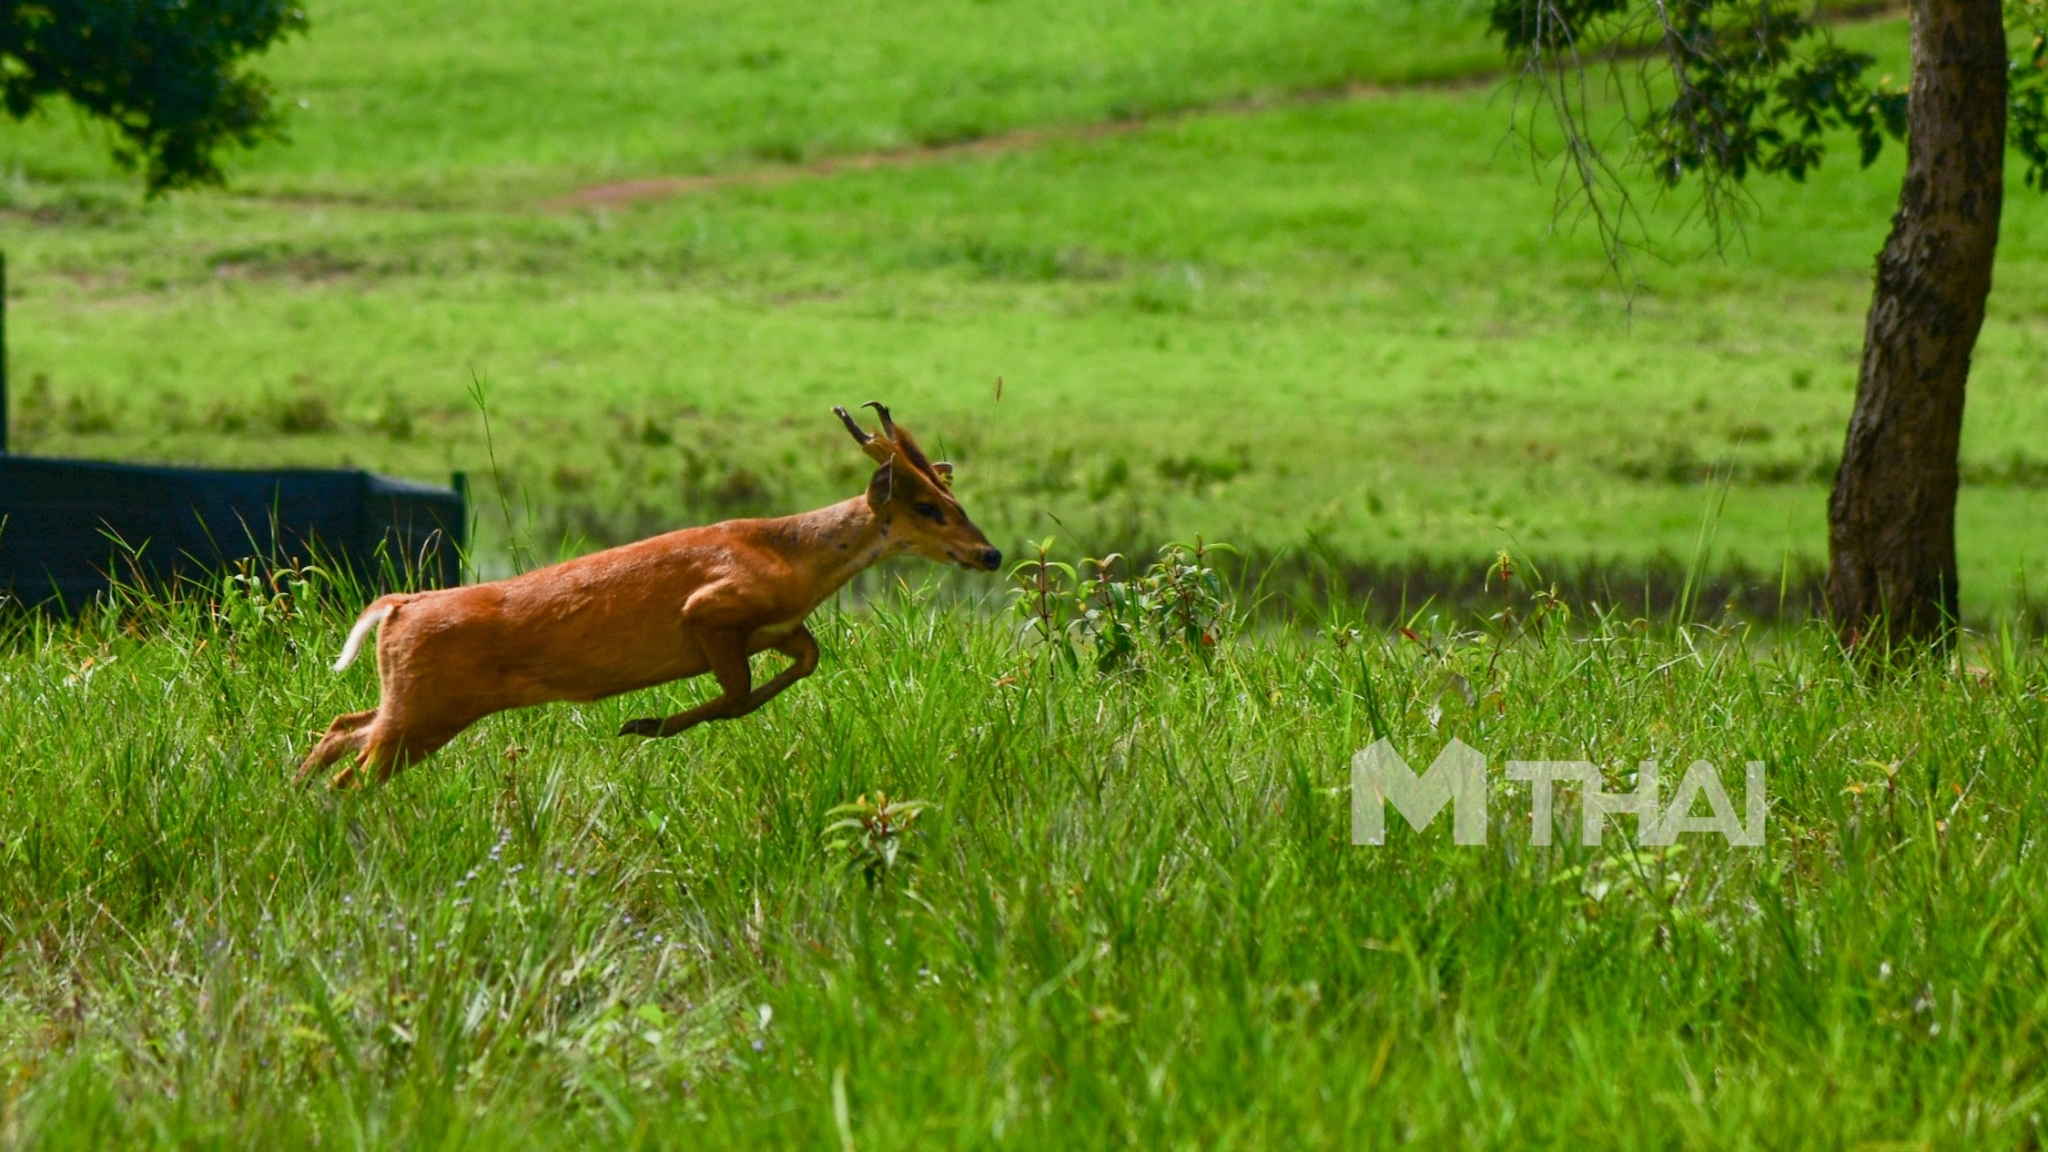 ปล่อยสัตว์ป่า เขตรักษาพันธุ์สัตว์ป่าภูเขียว